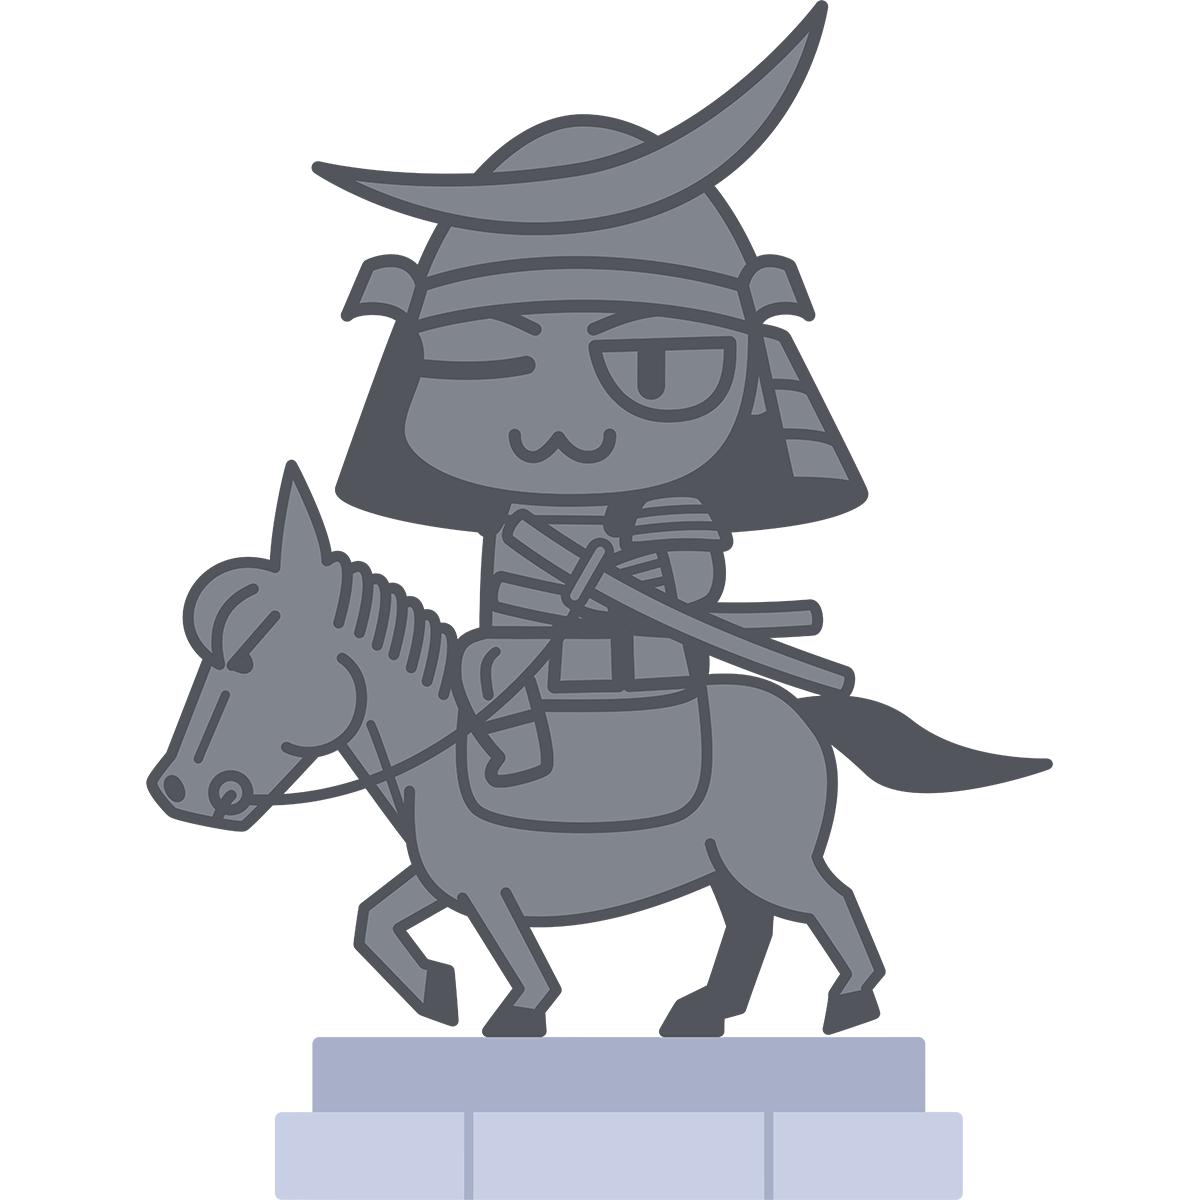 伊達政宗騎馬像の無料イラスト